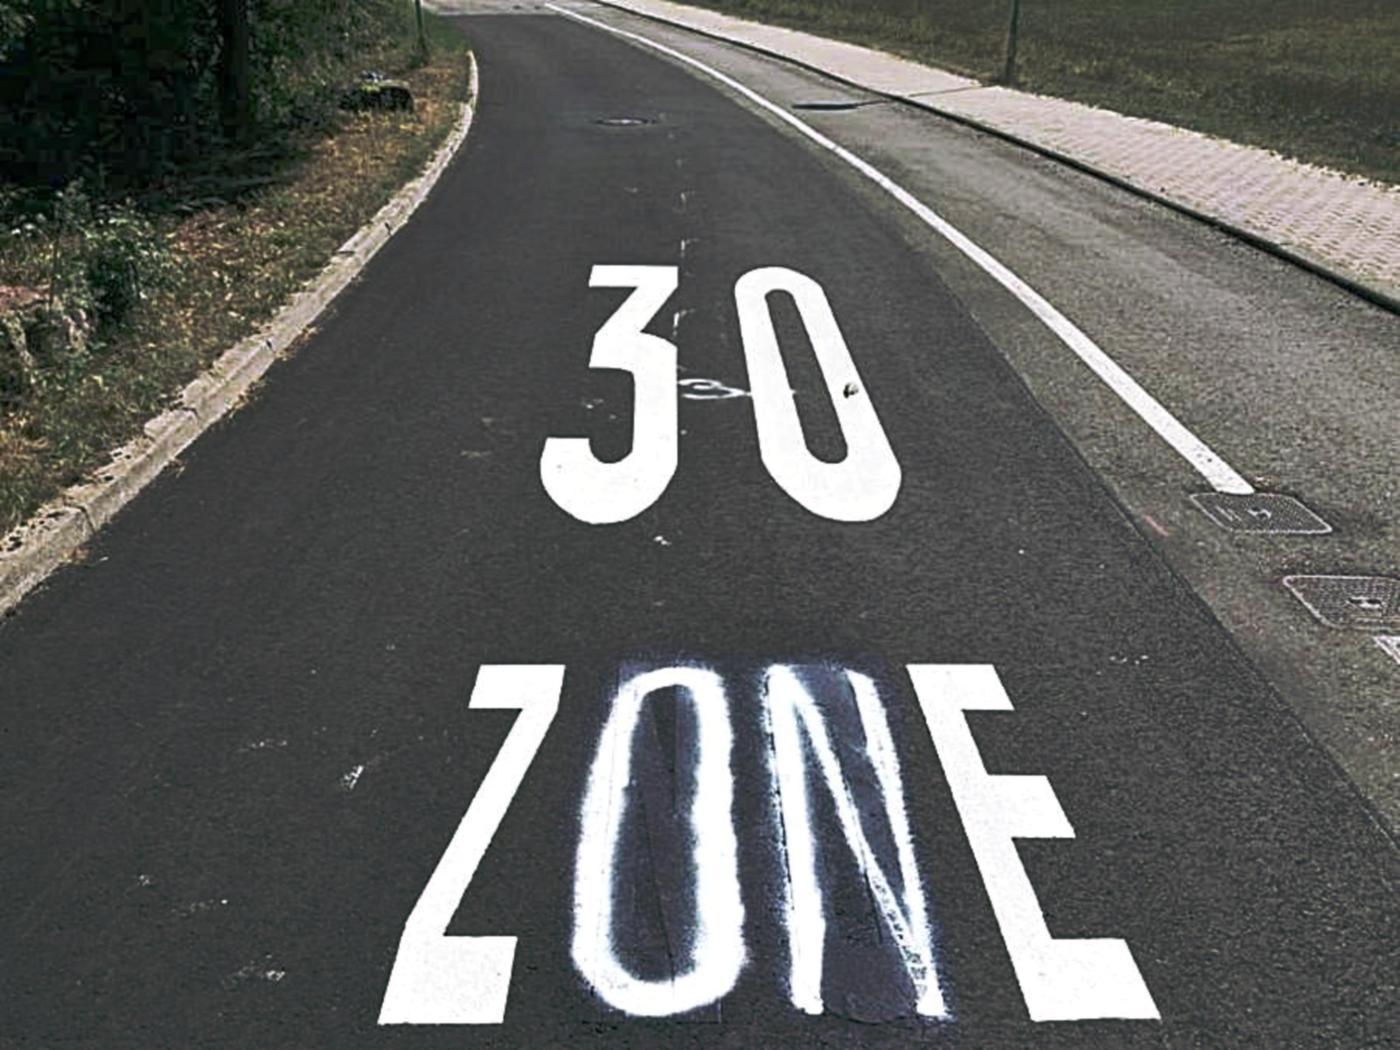 30-zone